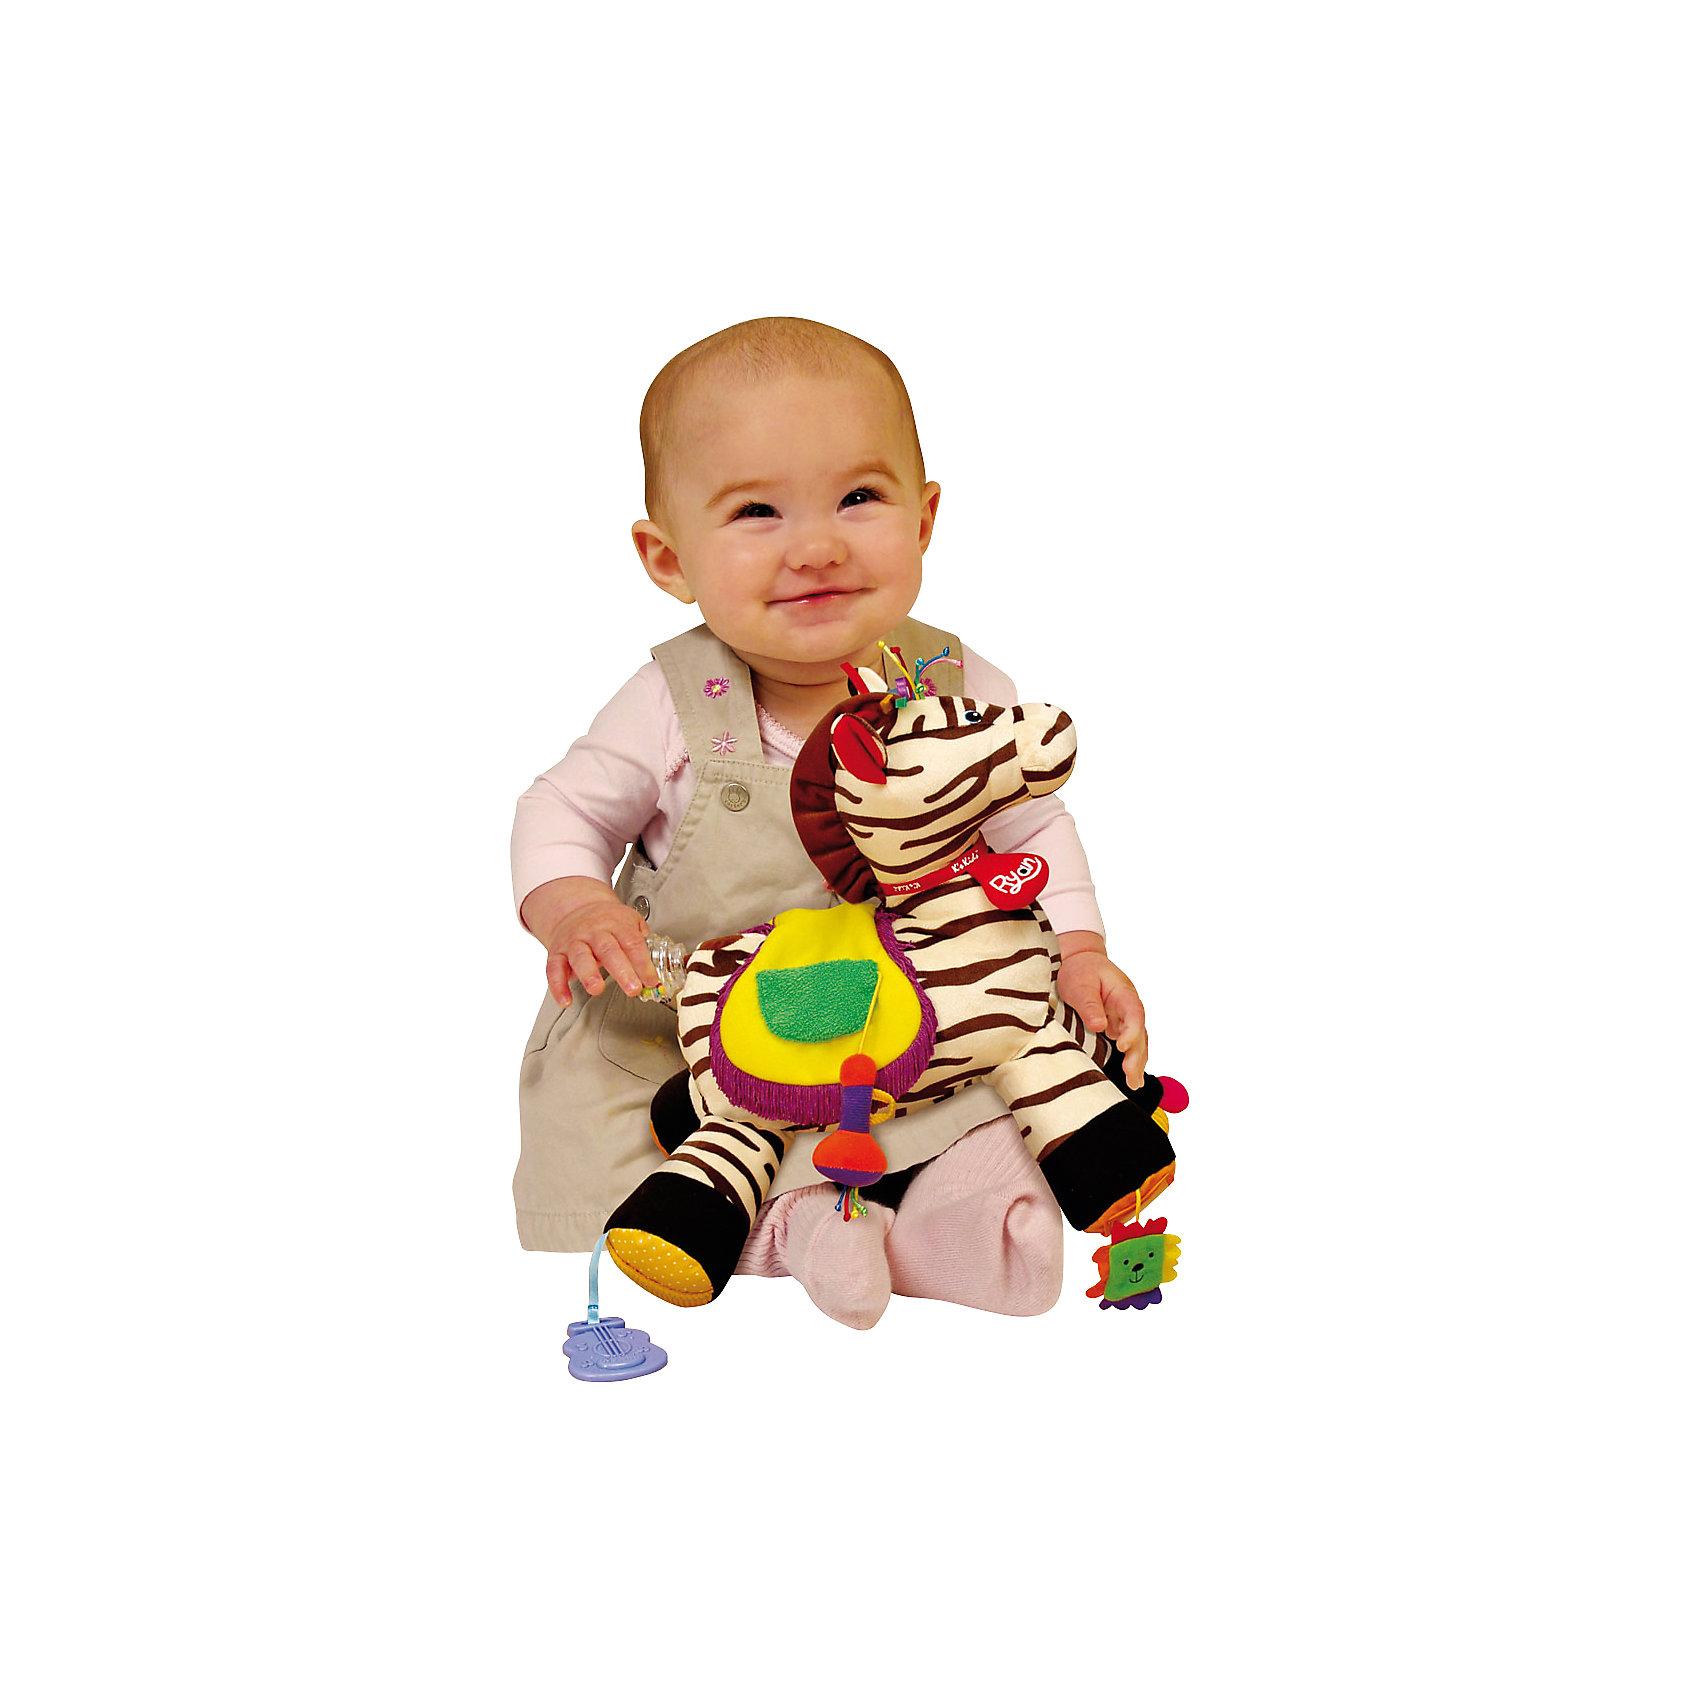 Развивающий центр Райан 18, Ks KidsМягкие игрушки<br>Развивающий центр «Райан 18», выполненный в виде зебры, подарит ребенку множество приятных игр. Малышу будет любопытно познавать новые предметы и ощущения, благодаря множеству обучающих элементов прикрепленных на зебре от K'sKids.<br>На седле зебры, которое пищит при нажатии, нарисован круг, квадрат и треугольник, в центре фигурок вписаны цифры. На одном копыте зебры установлено безопасное зеркало, вокруг которого есть разноцветные шуршащие лепестки. На другом копытце есть диск, который вертится и трещит. Третье копытце оснащено гитарой на ленте, а на четвертом располагается веселая подвеска. Хвост лошадки выполнен в виде прорезывателя-погремушки. На шее игрушки завязан красный шарфик, на котором написано имя зебры. Игрушка сделана из материалов разных фактур, развивает тактильное восприятие и мелкую моторику пальцев рук. <br>Яркая расцветка игрушки привлекает внимание малышей и способствует развитию цветового восприятия ребенка. <br>Развивающий центр изготовлен из высококачественных экологичных материалов абсолютно безопасных даже для самых маленьких детей. <br><br>Дополнительная информация:<br><br>- Материал: пластик, текстиль.<br>- Размер: 16x28x25 см.<br>- 18 развивающих элементов.<br>- Цифры, безопасное зеркальце, погремушка, пищалка, прорезыватель, кармашки.<br>- Специальный кармашек, в который можно поместить фото ребенка.  <br><br>Развивающий центр Райан 18, Ks Kids, можно купить в нашем магазине.<br><br>Ширина мм: 340<br>Глубина мм: 270<br>Высота мм: 330<br>Вес г: 866<br>Возраст от месяцев: 0<br>Возраст до месяцев: 12<br>Пол: Унисекс<br>Возраст: Детский<br>SKU: 4589898